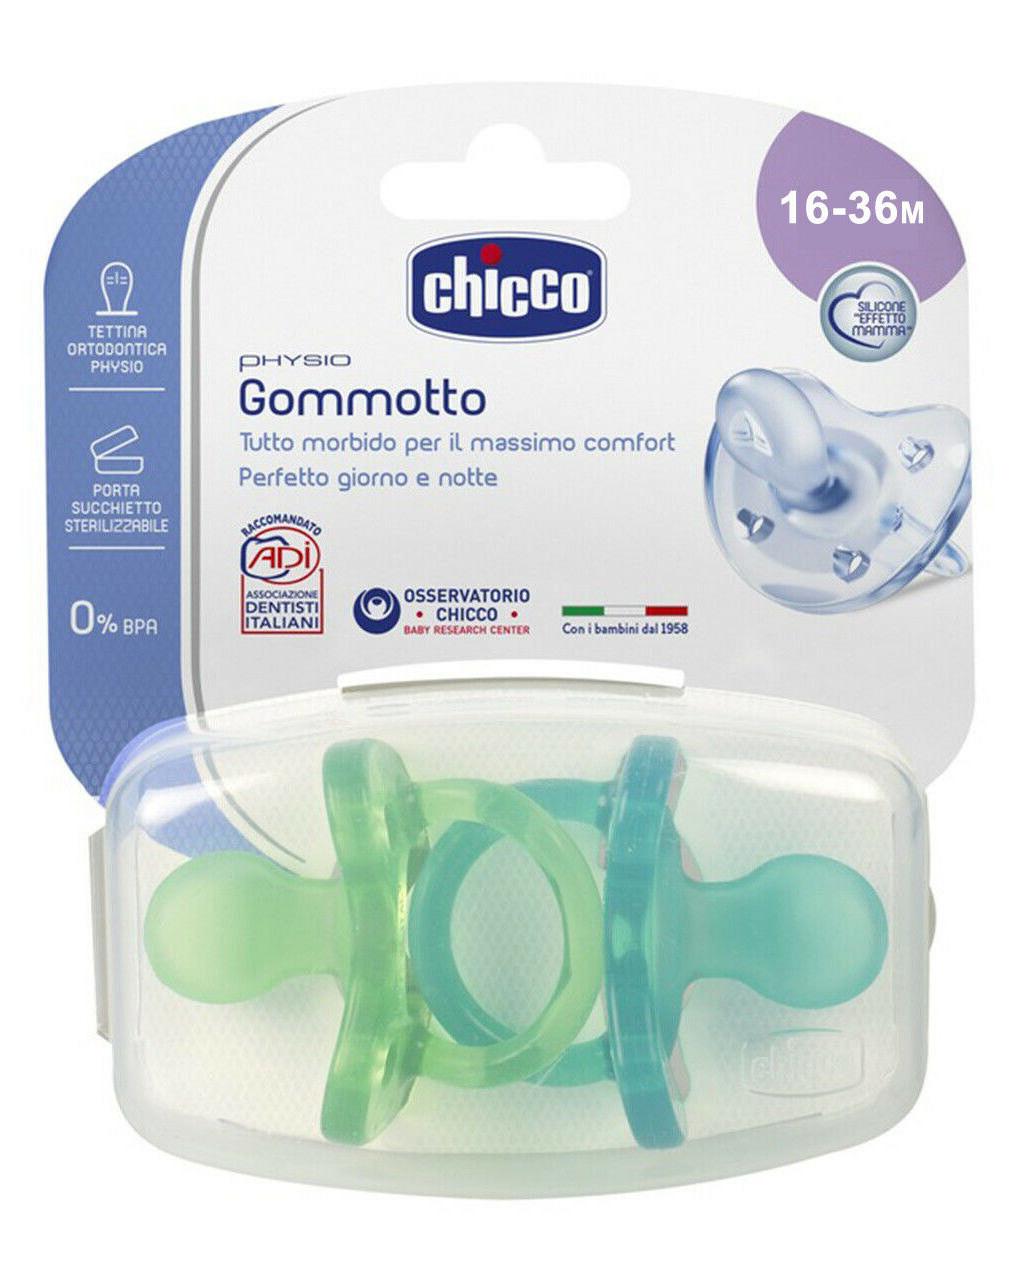 Gommotto physio silicone bimbo  12m+ 2pezzi - Chicco